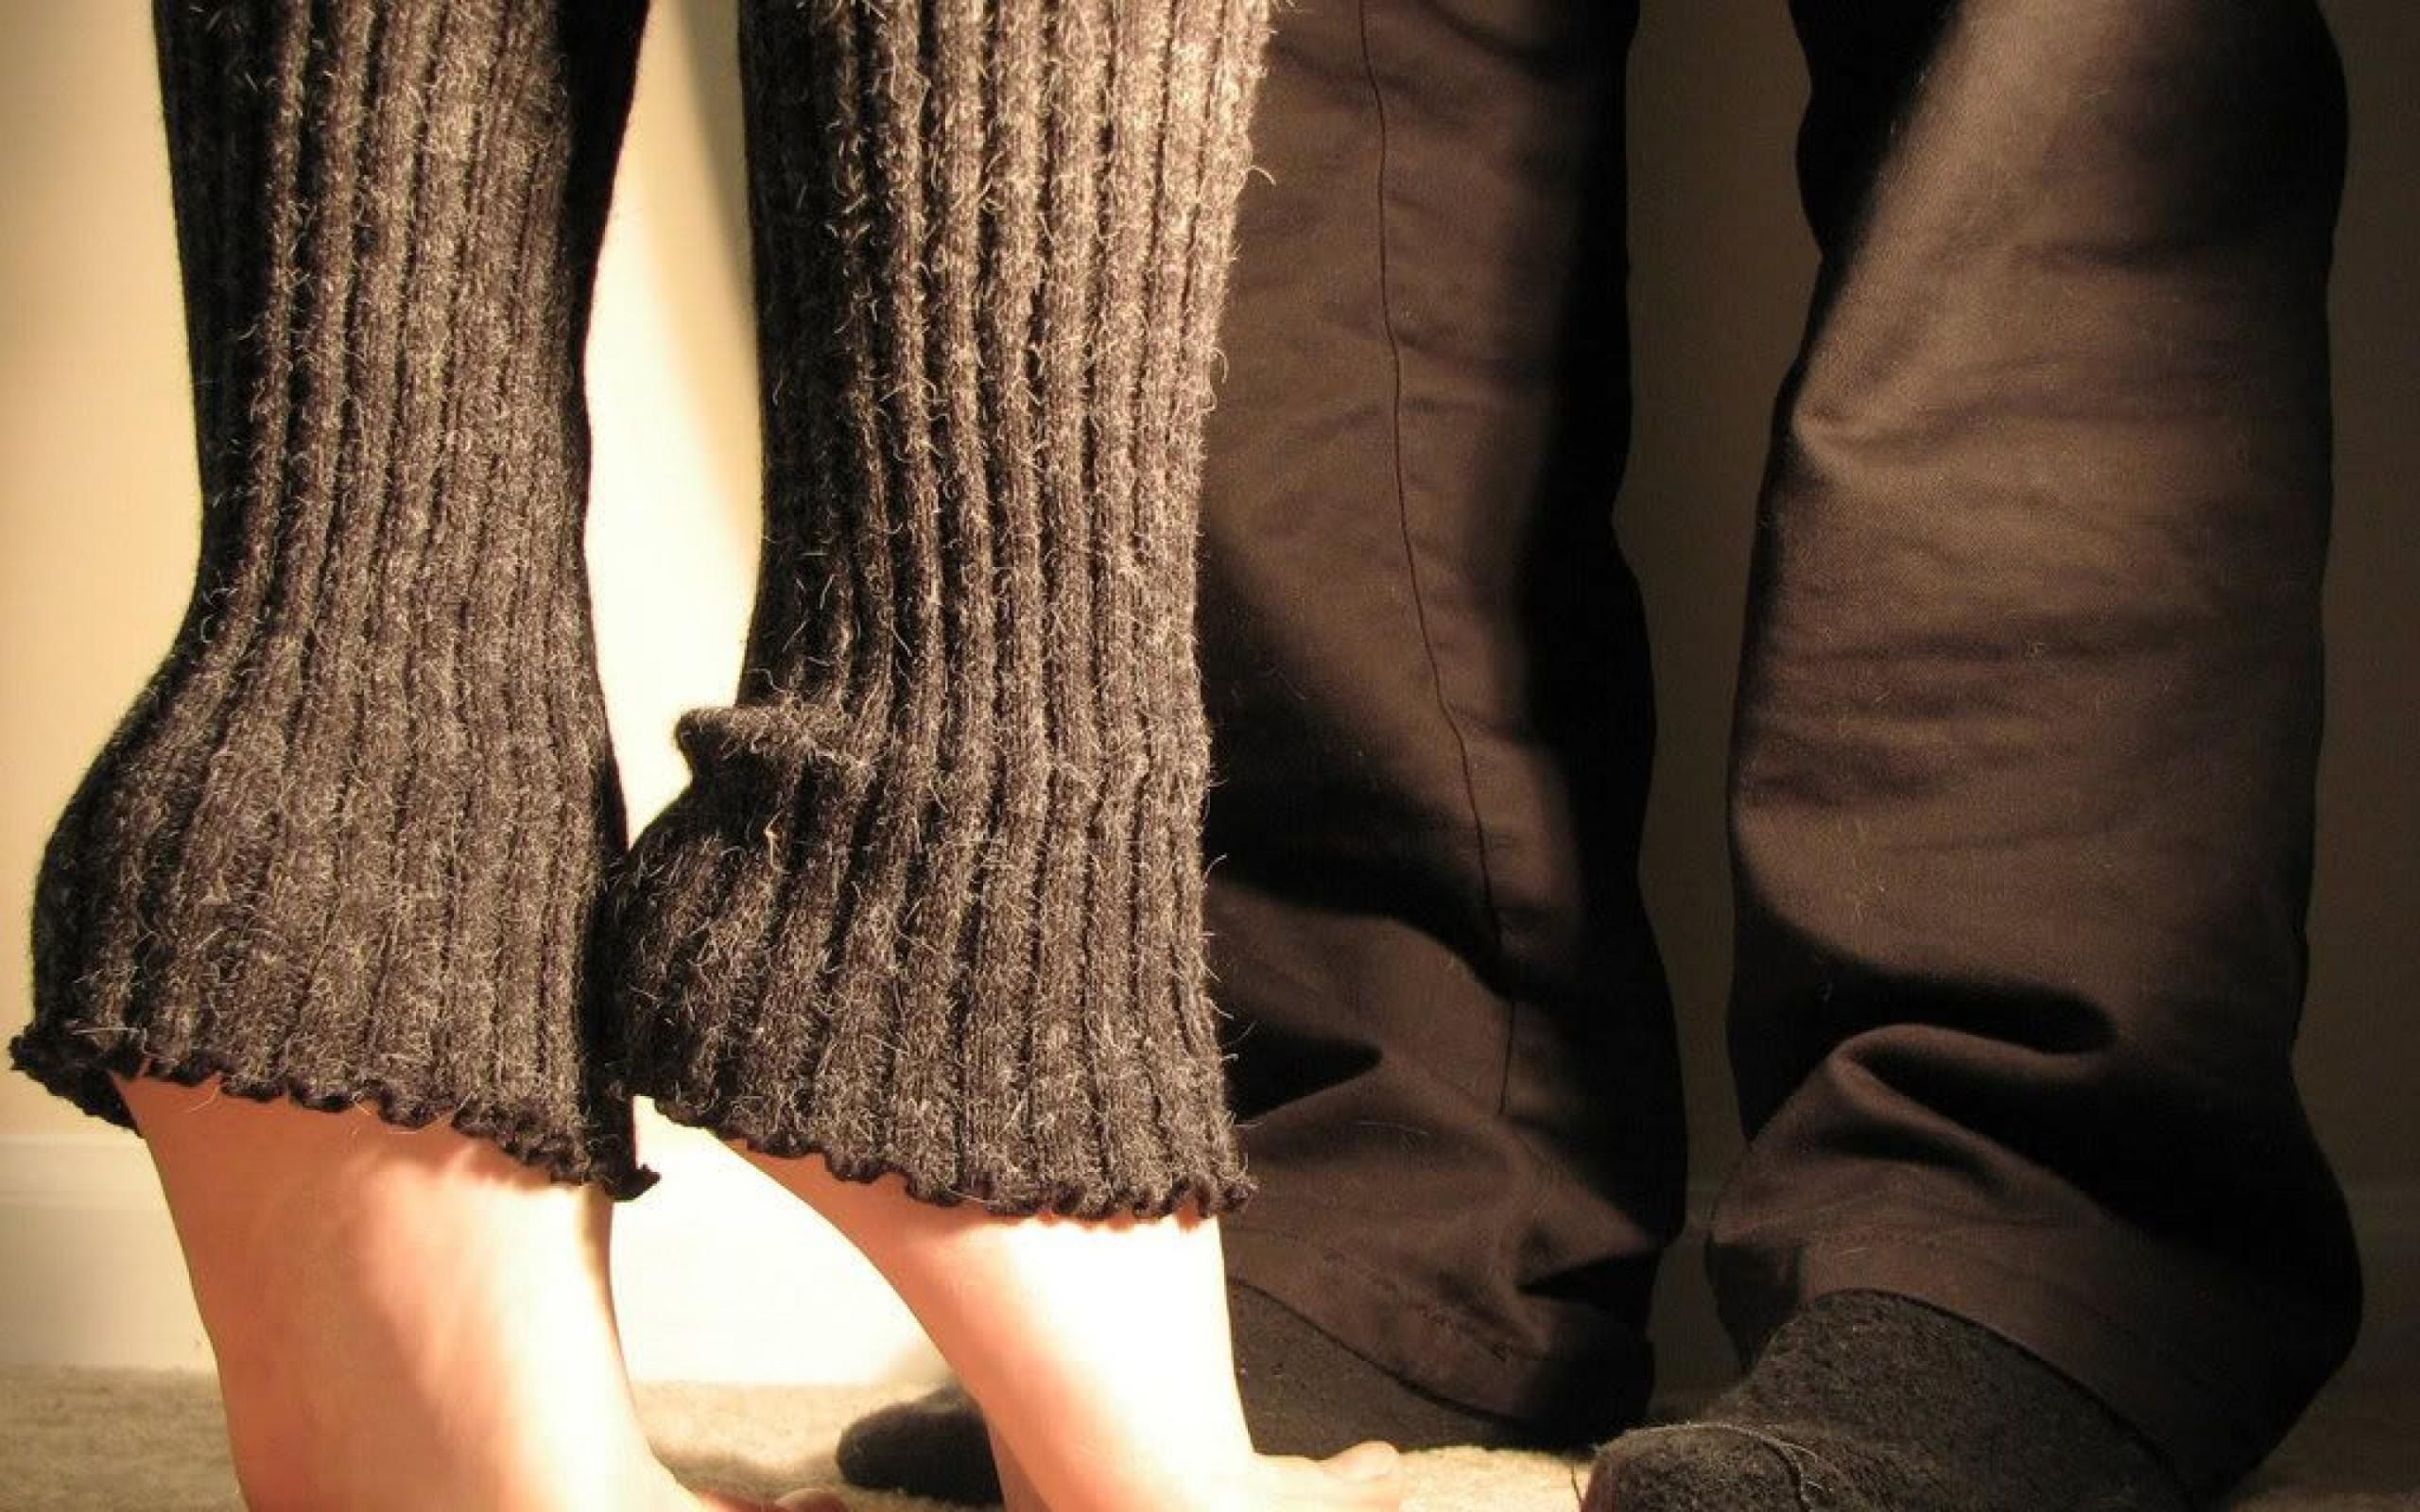 Фотка ног парня и девушки 24 фотография